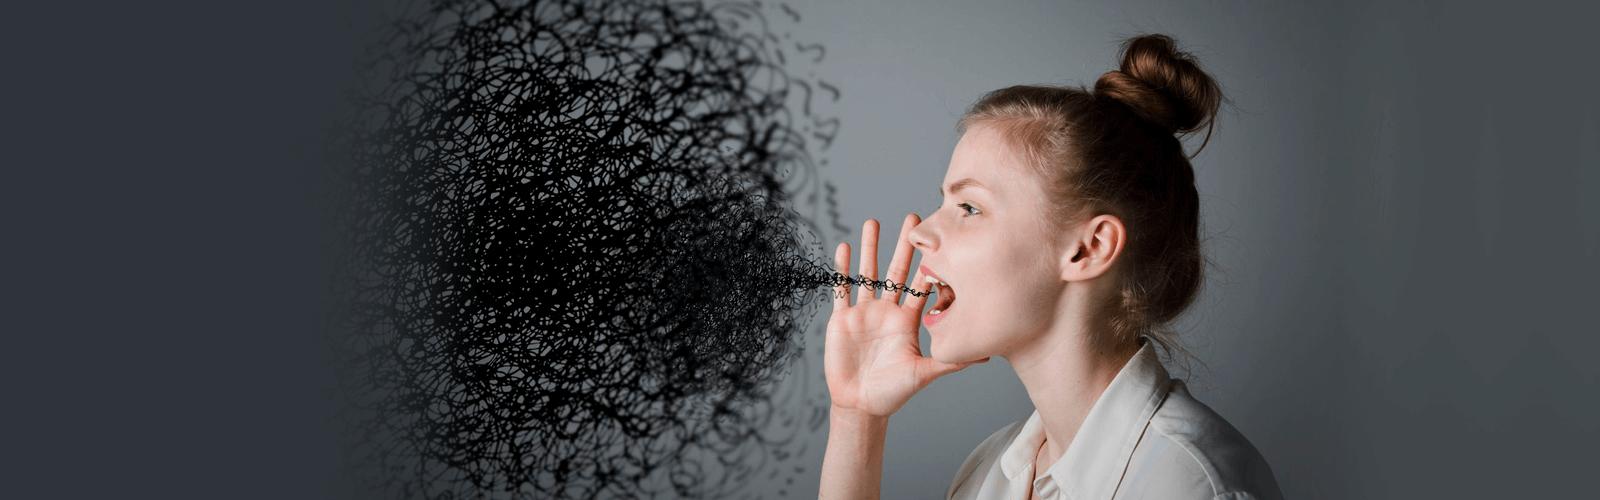 Влияние и значение матерных слов. Расшифровка понятий